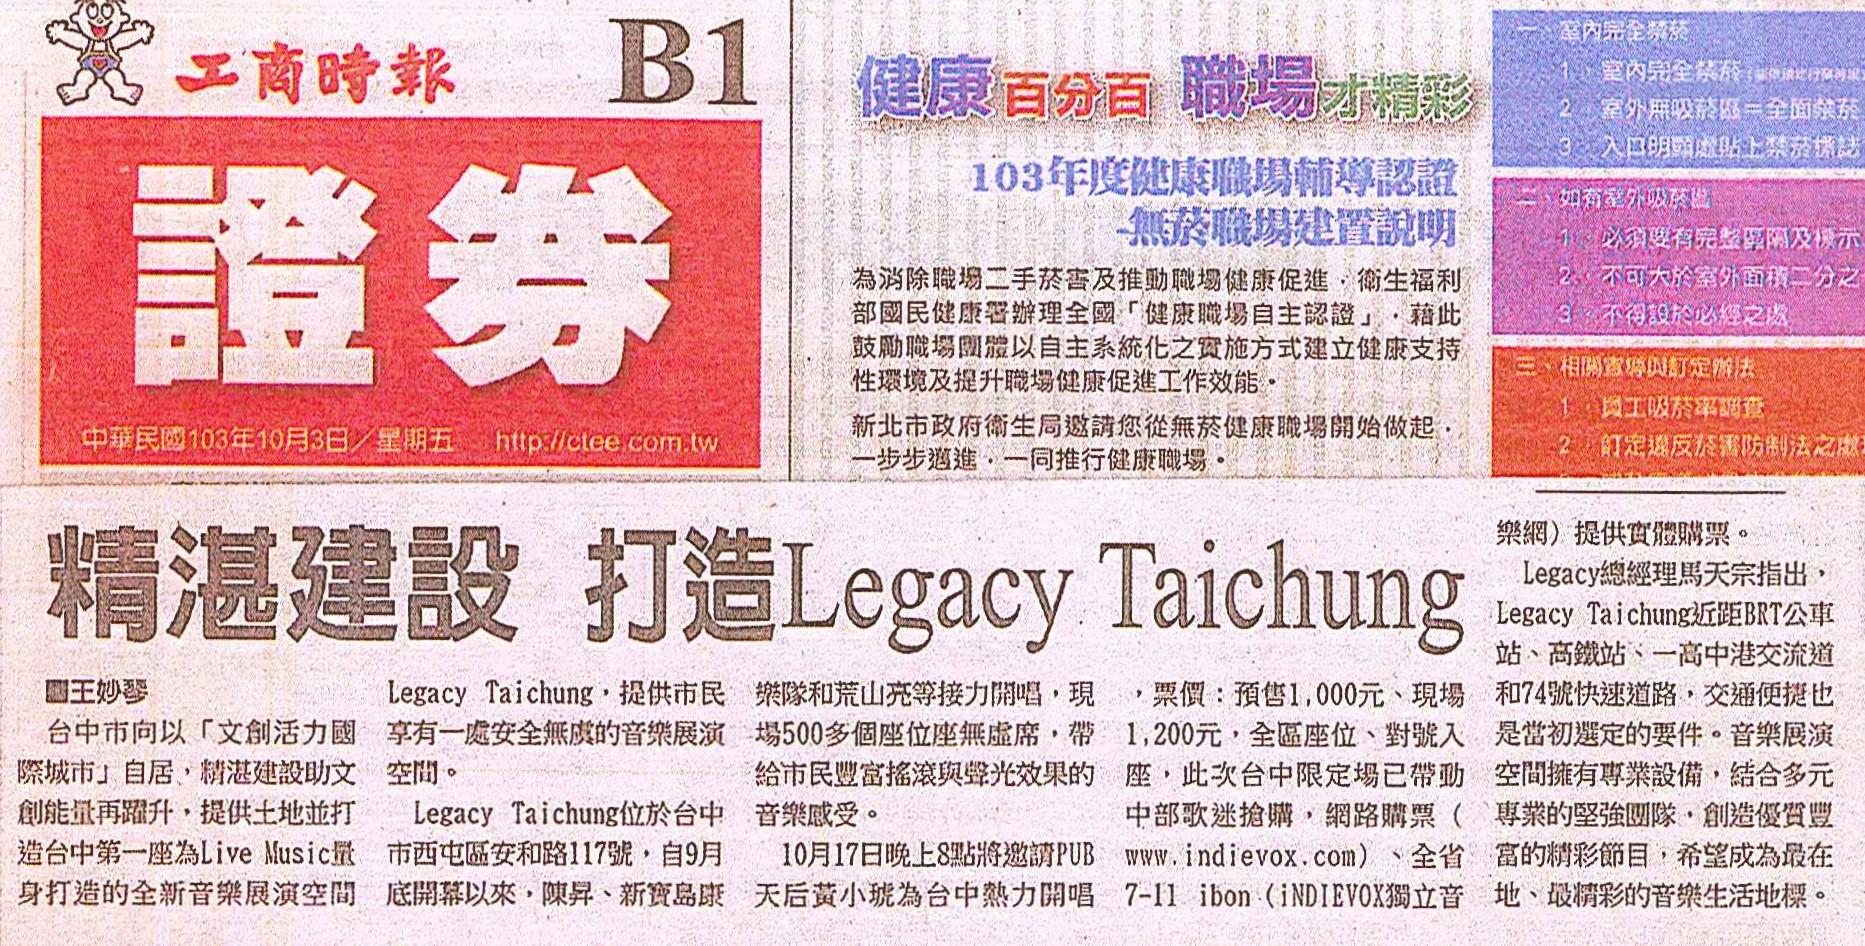 20141003 工商時報 (2)_精湛建設 打造Legacy Taichung